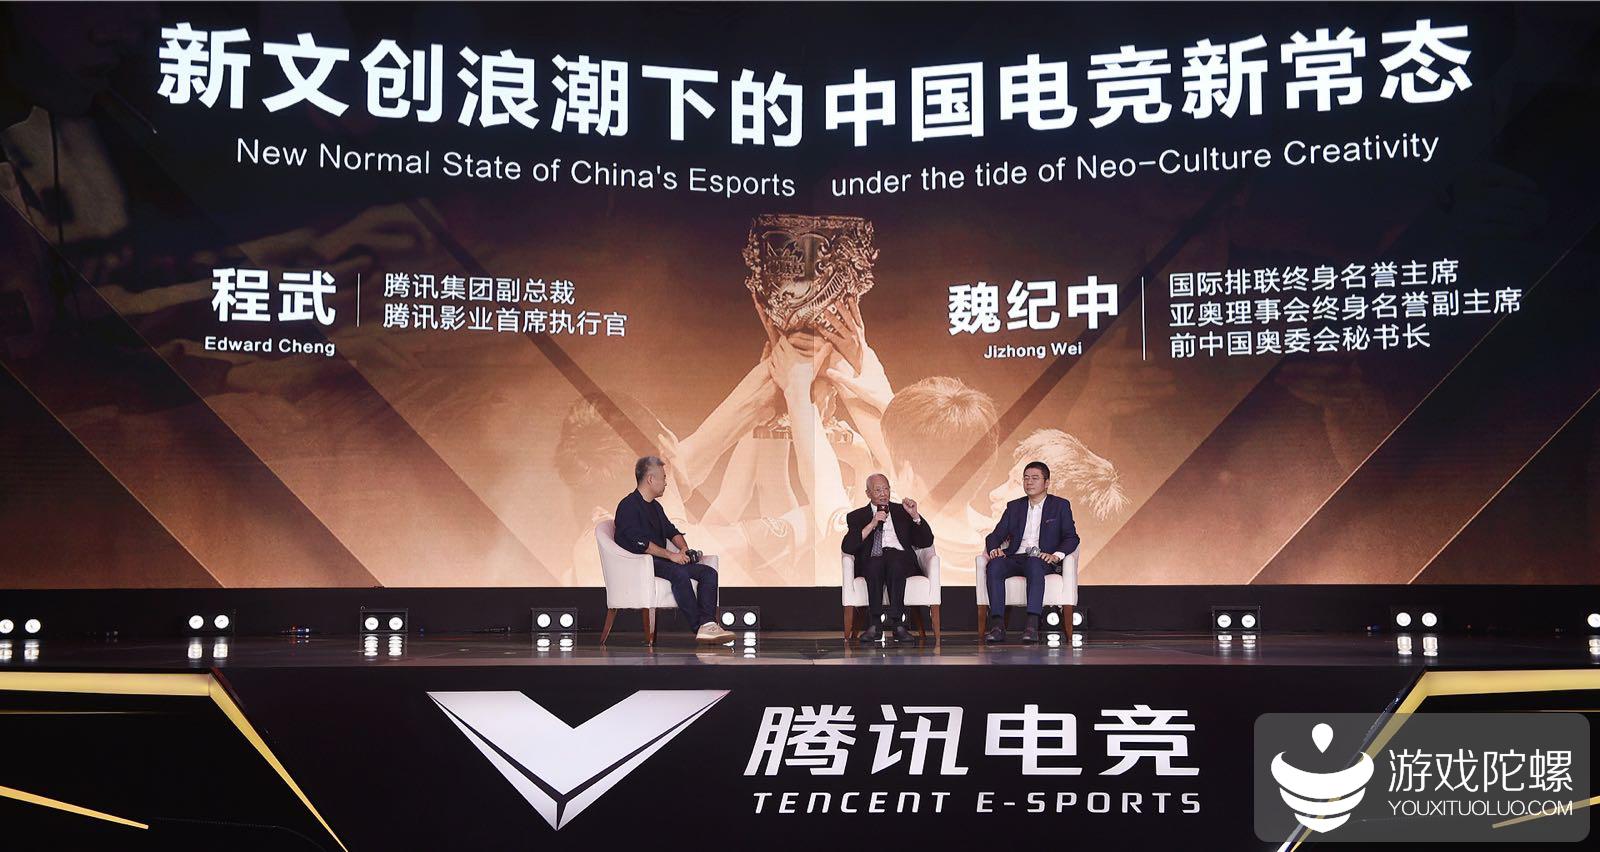 程武:中国电竞未来发展的三个关键词——工业化、过程体育化、全球化